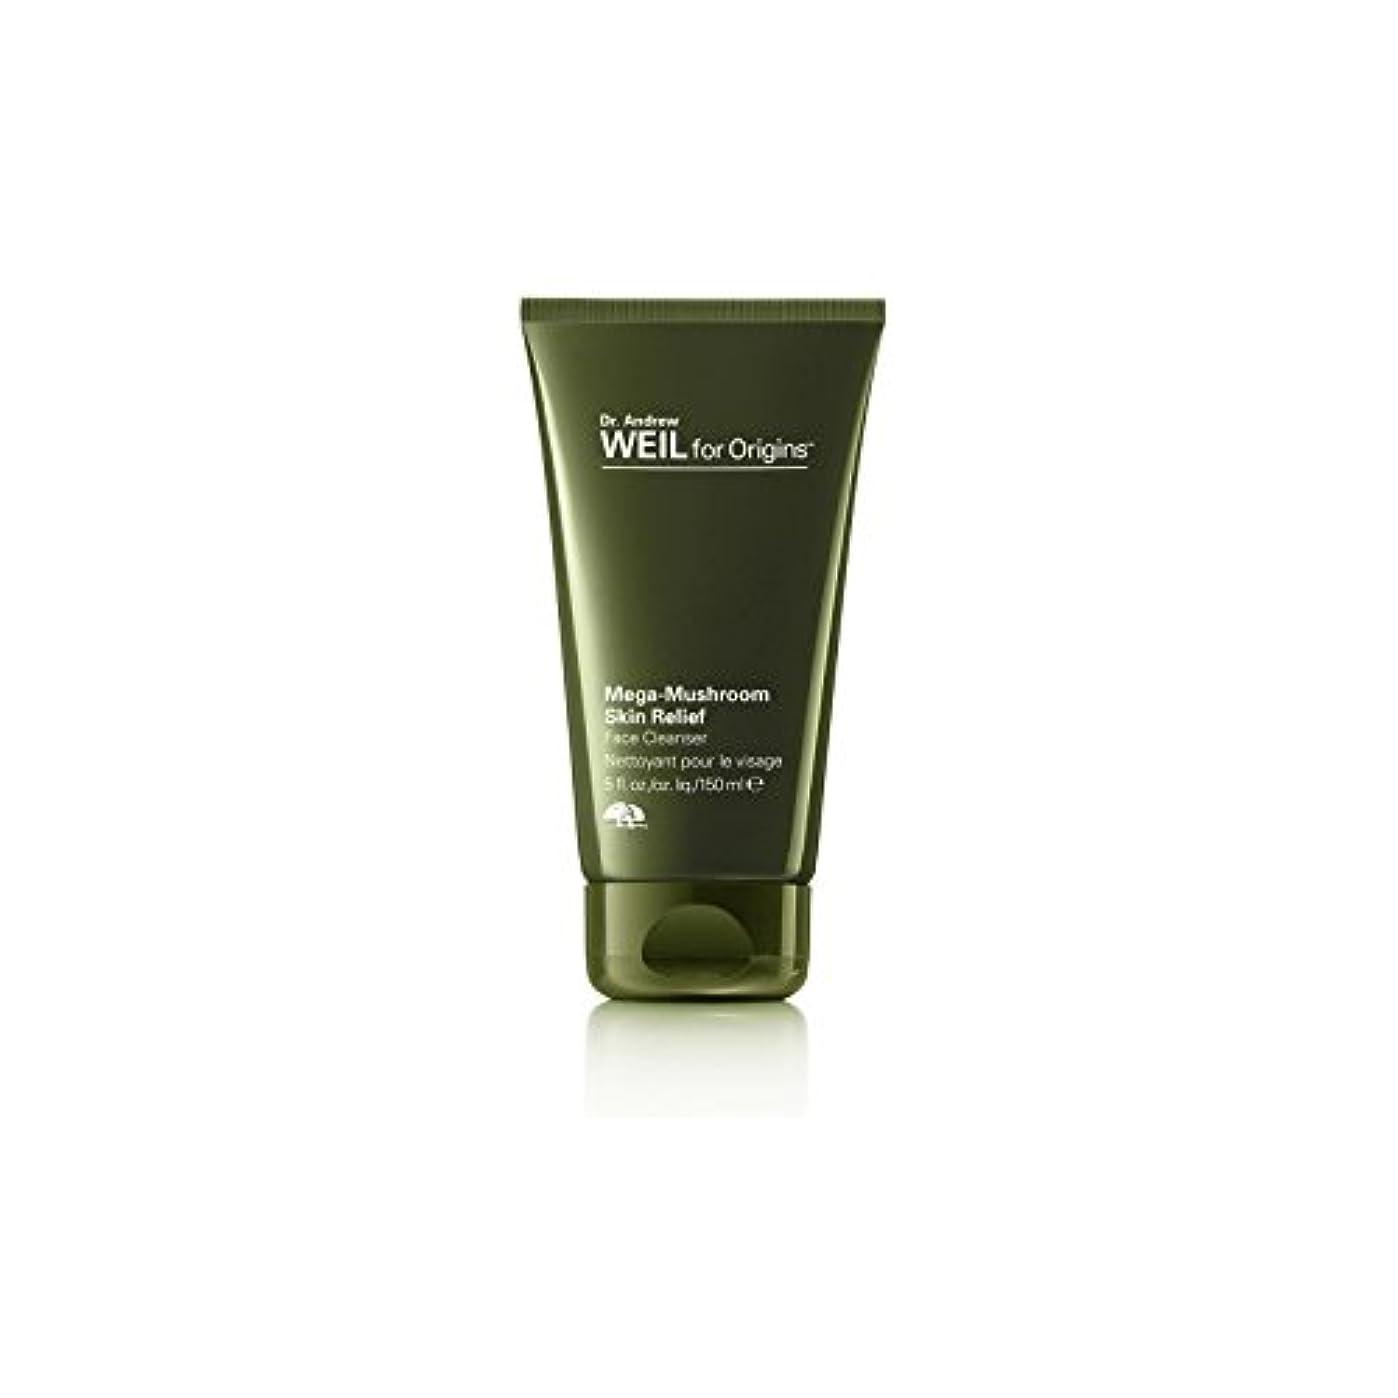 声を出して野心的かる起源アンドルー?ワイル起源メガキノコ皮膚救済顔クレンザー150ミリリットルのために x2 - Origins Dr. Andrew Weil For Origins Mega-Mushroom Skin Relief Face...